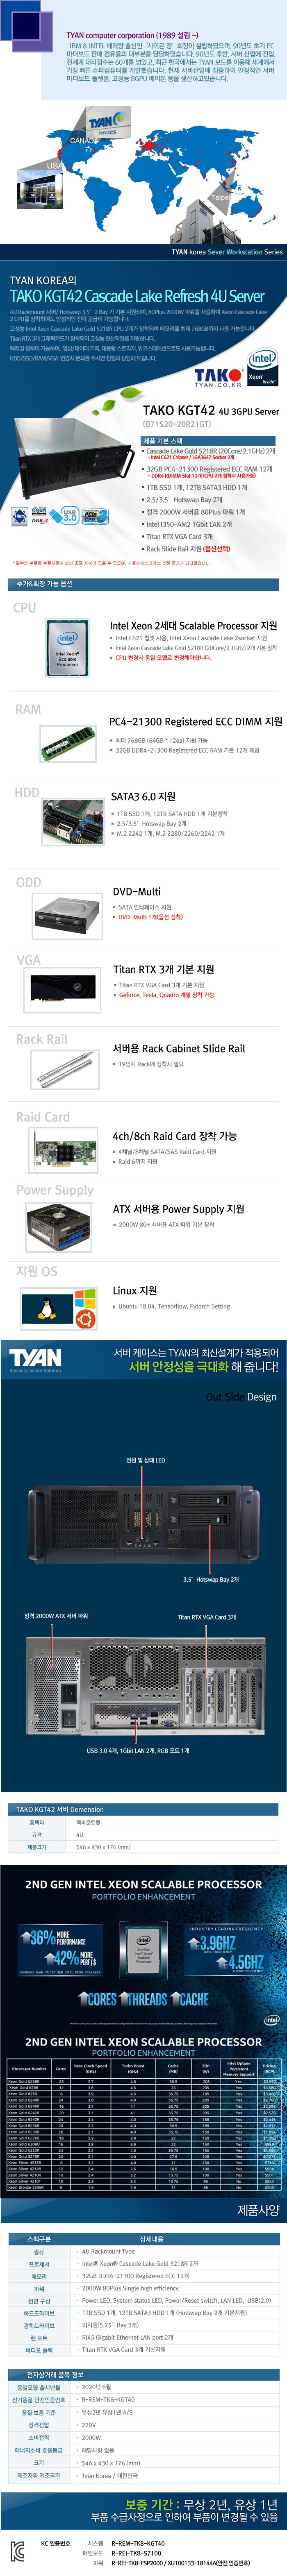 TYAN TAKO-KGT42-(B71S20-20R21GT) 3GPU (384GB, SSD 1TB + 12TB)